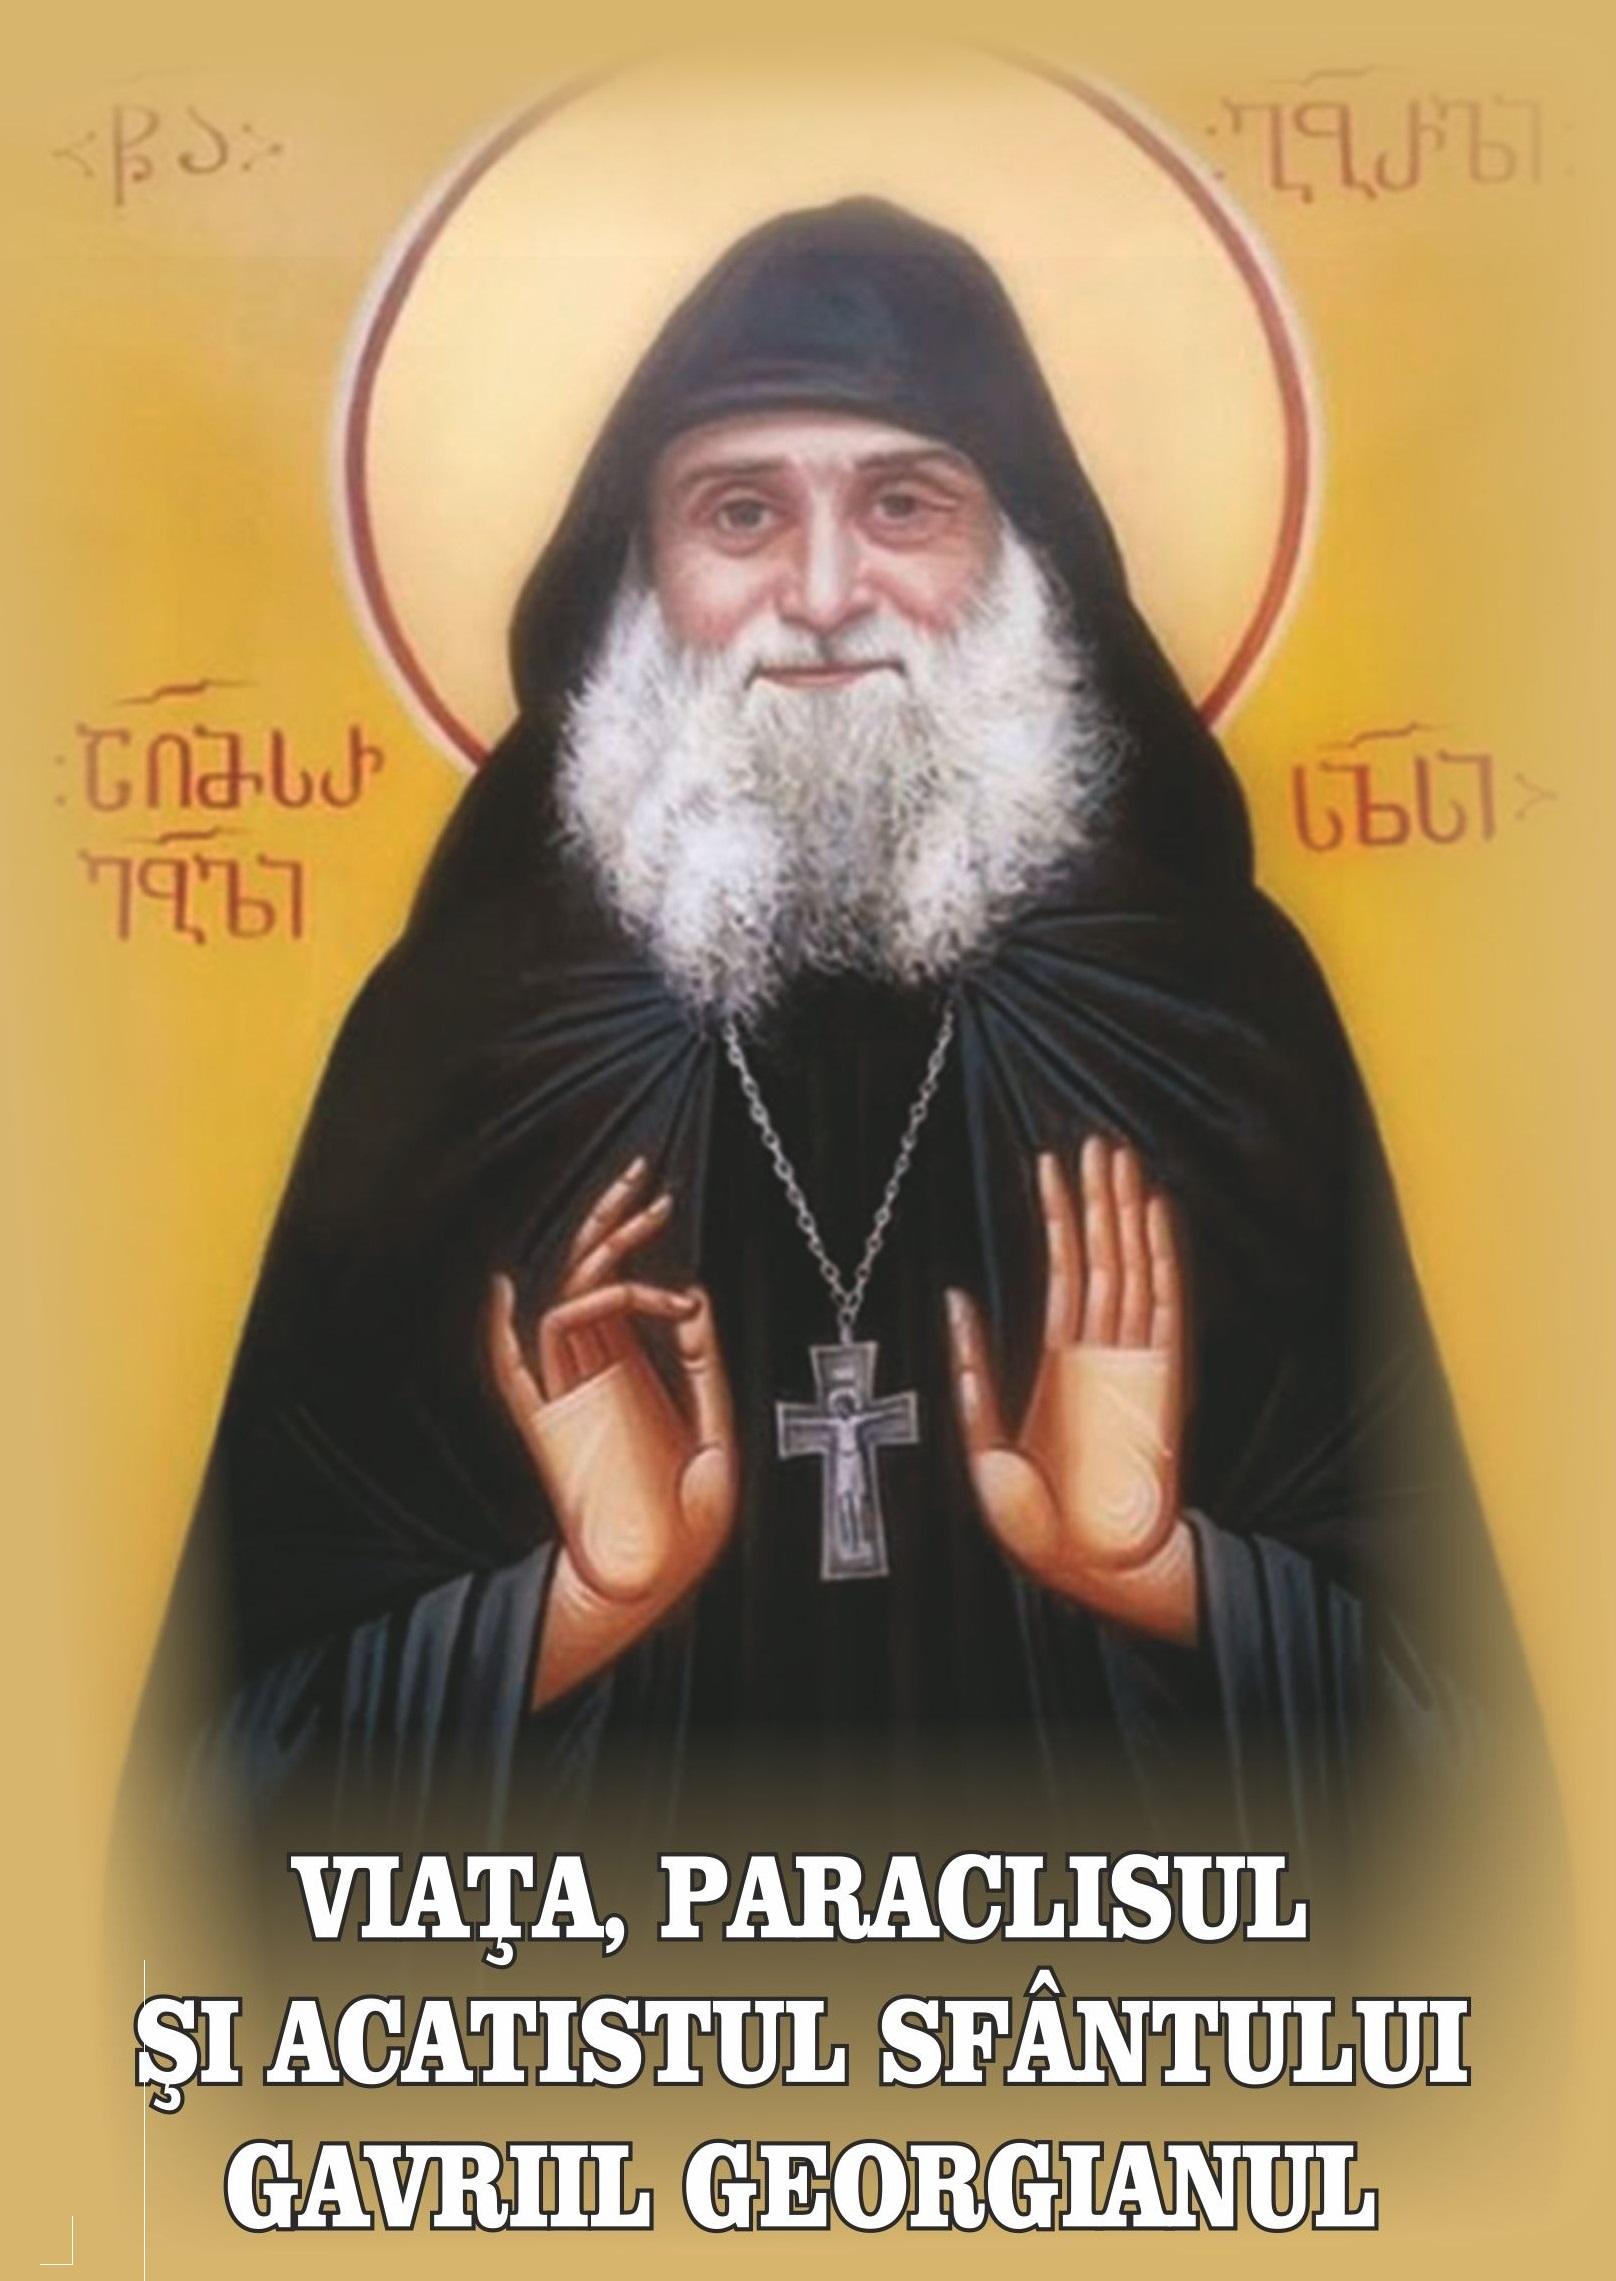 VIAŢA, PARACLISUL ŞI ACATISTUL SFÂNTULUI GAVRIIL GEORGIANUL